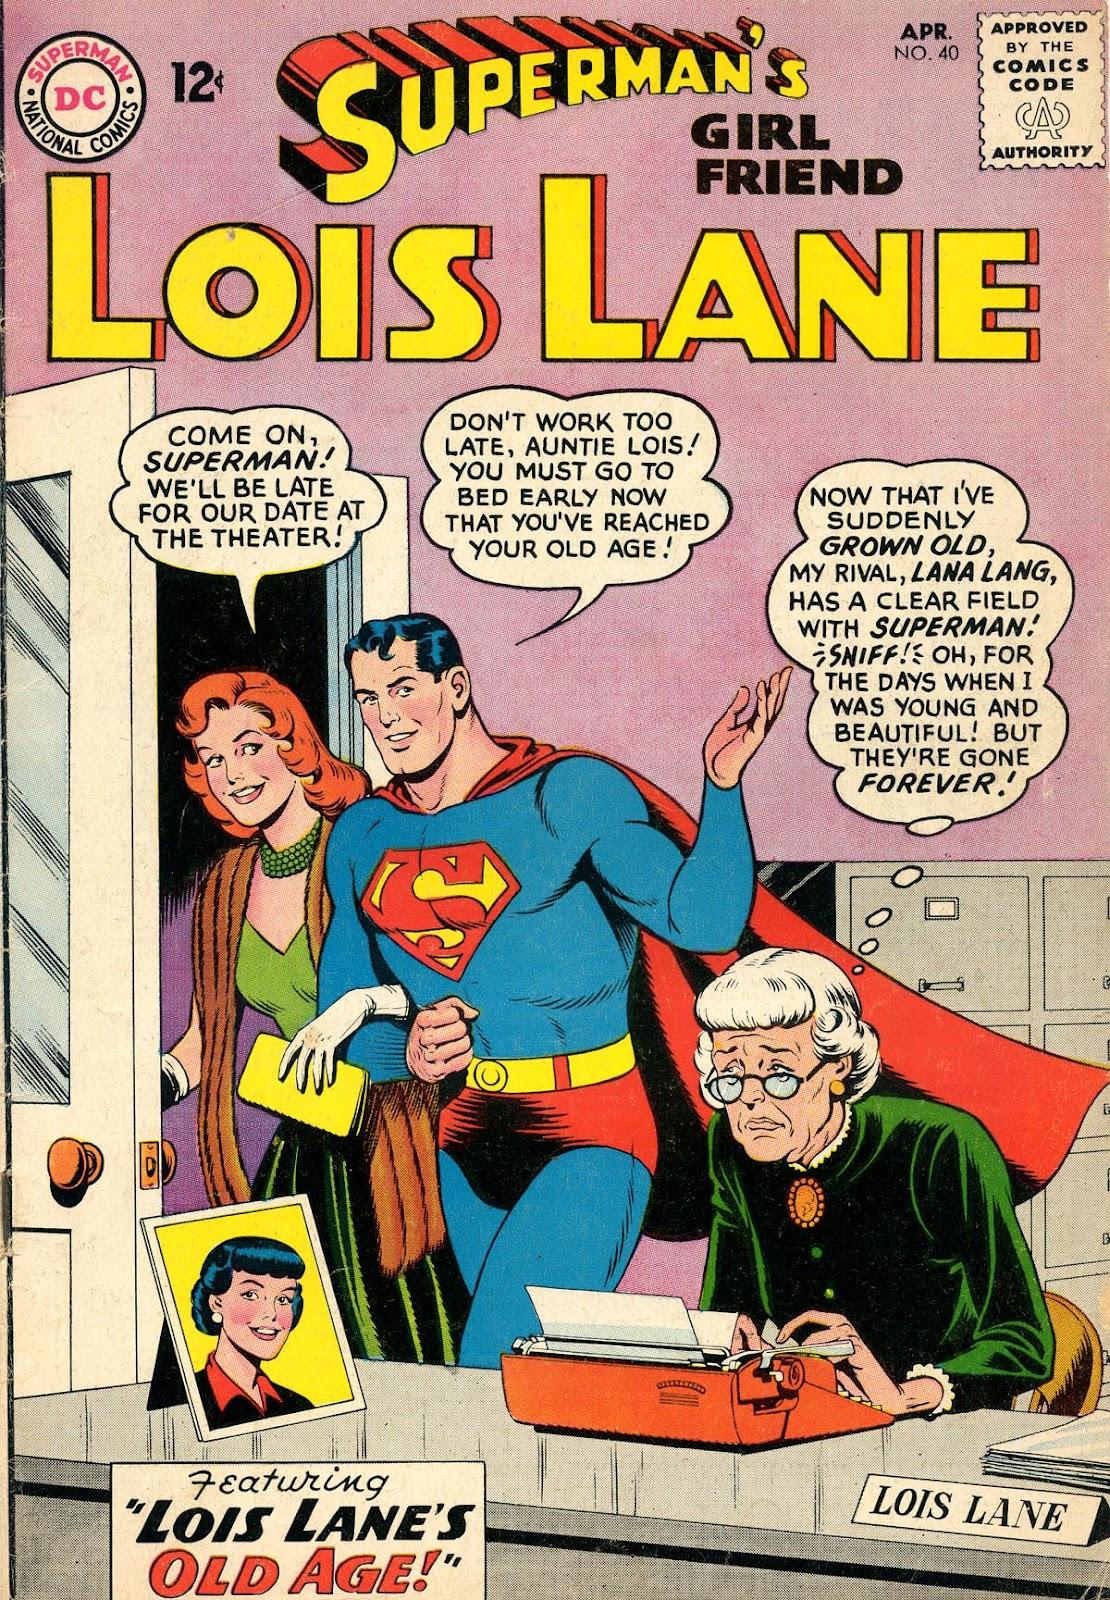 Supermans Girl Friend, Lois Lane 40 Page 1